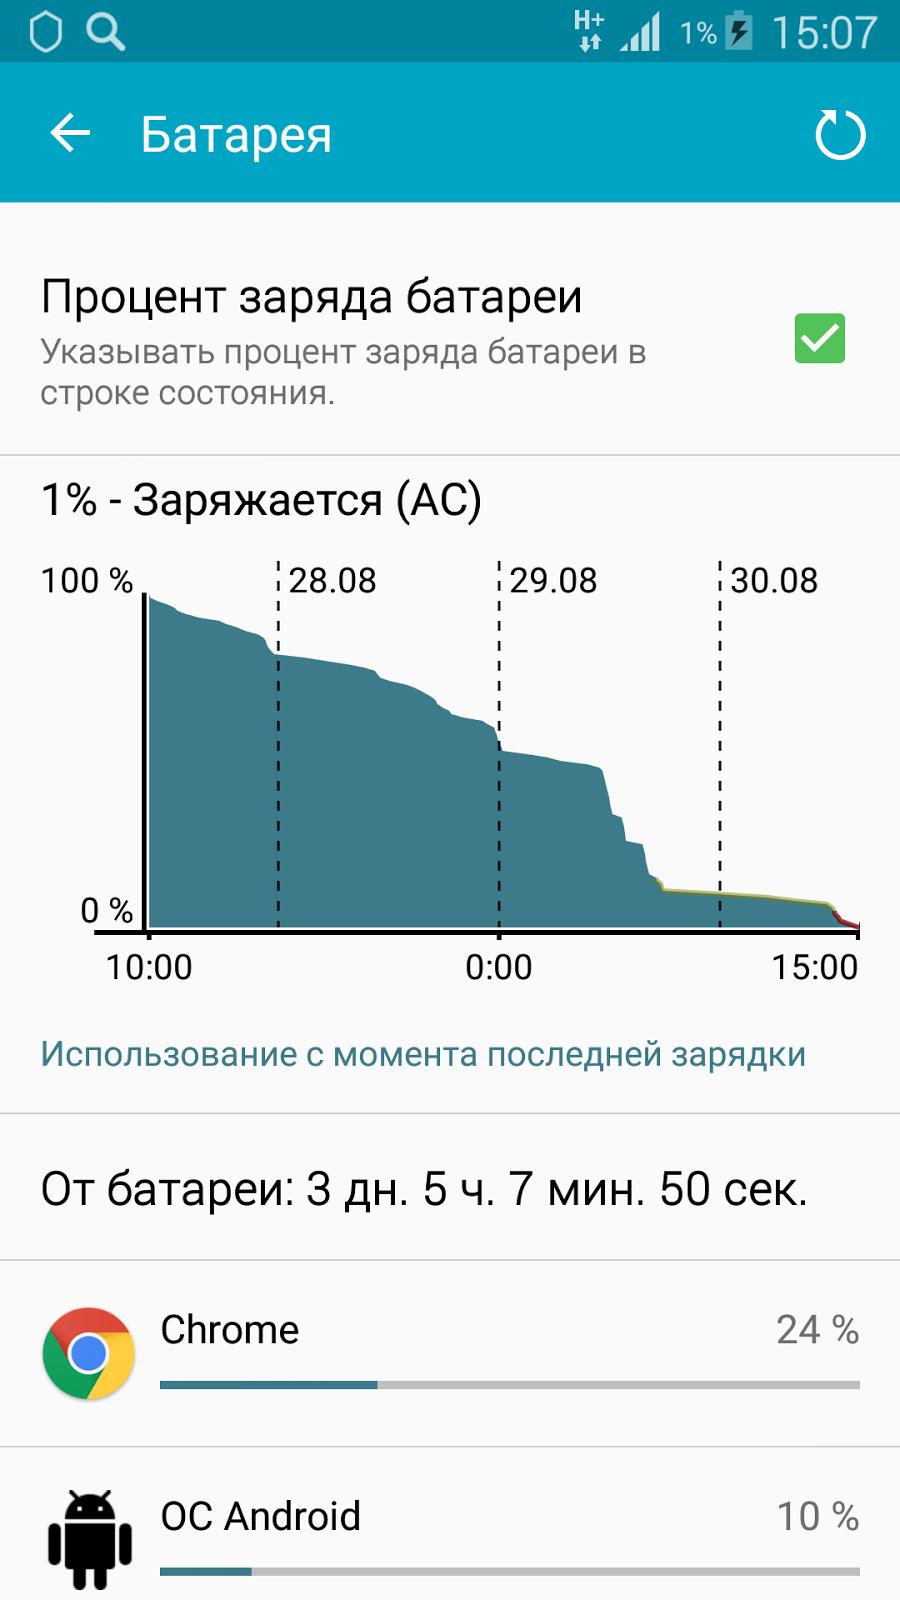 картинки показывающие процент зарядки администратор идет навстречу